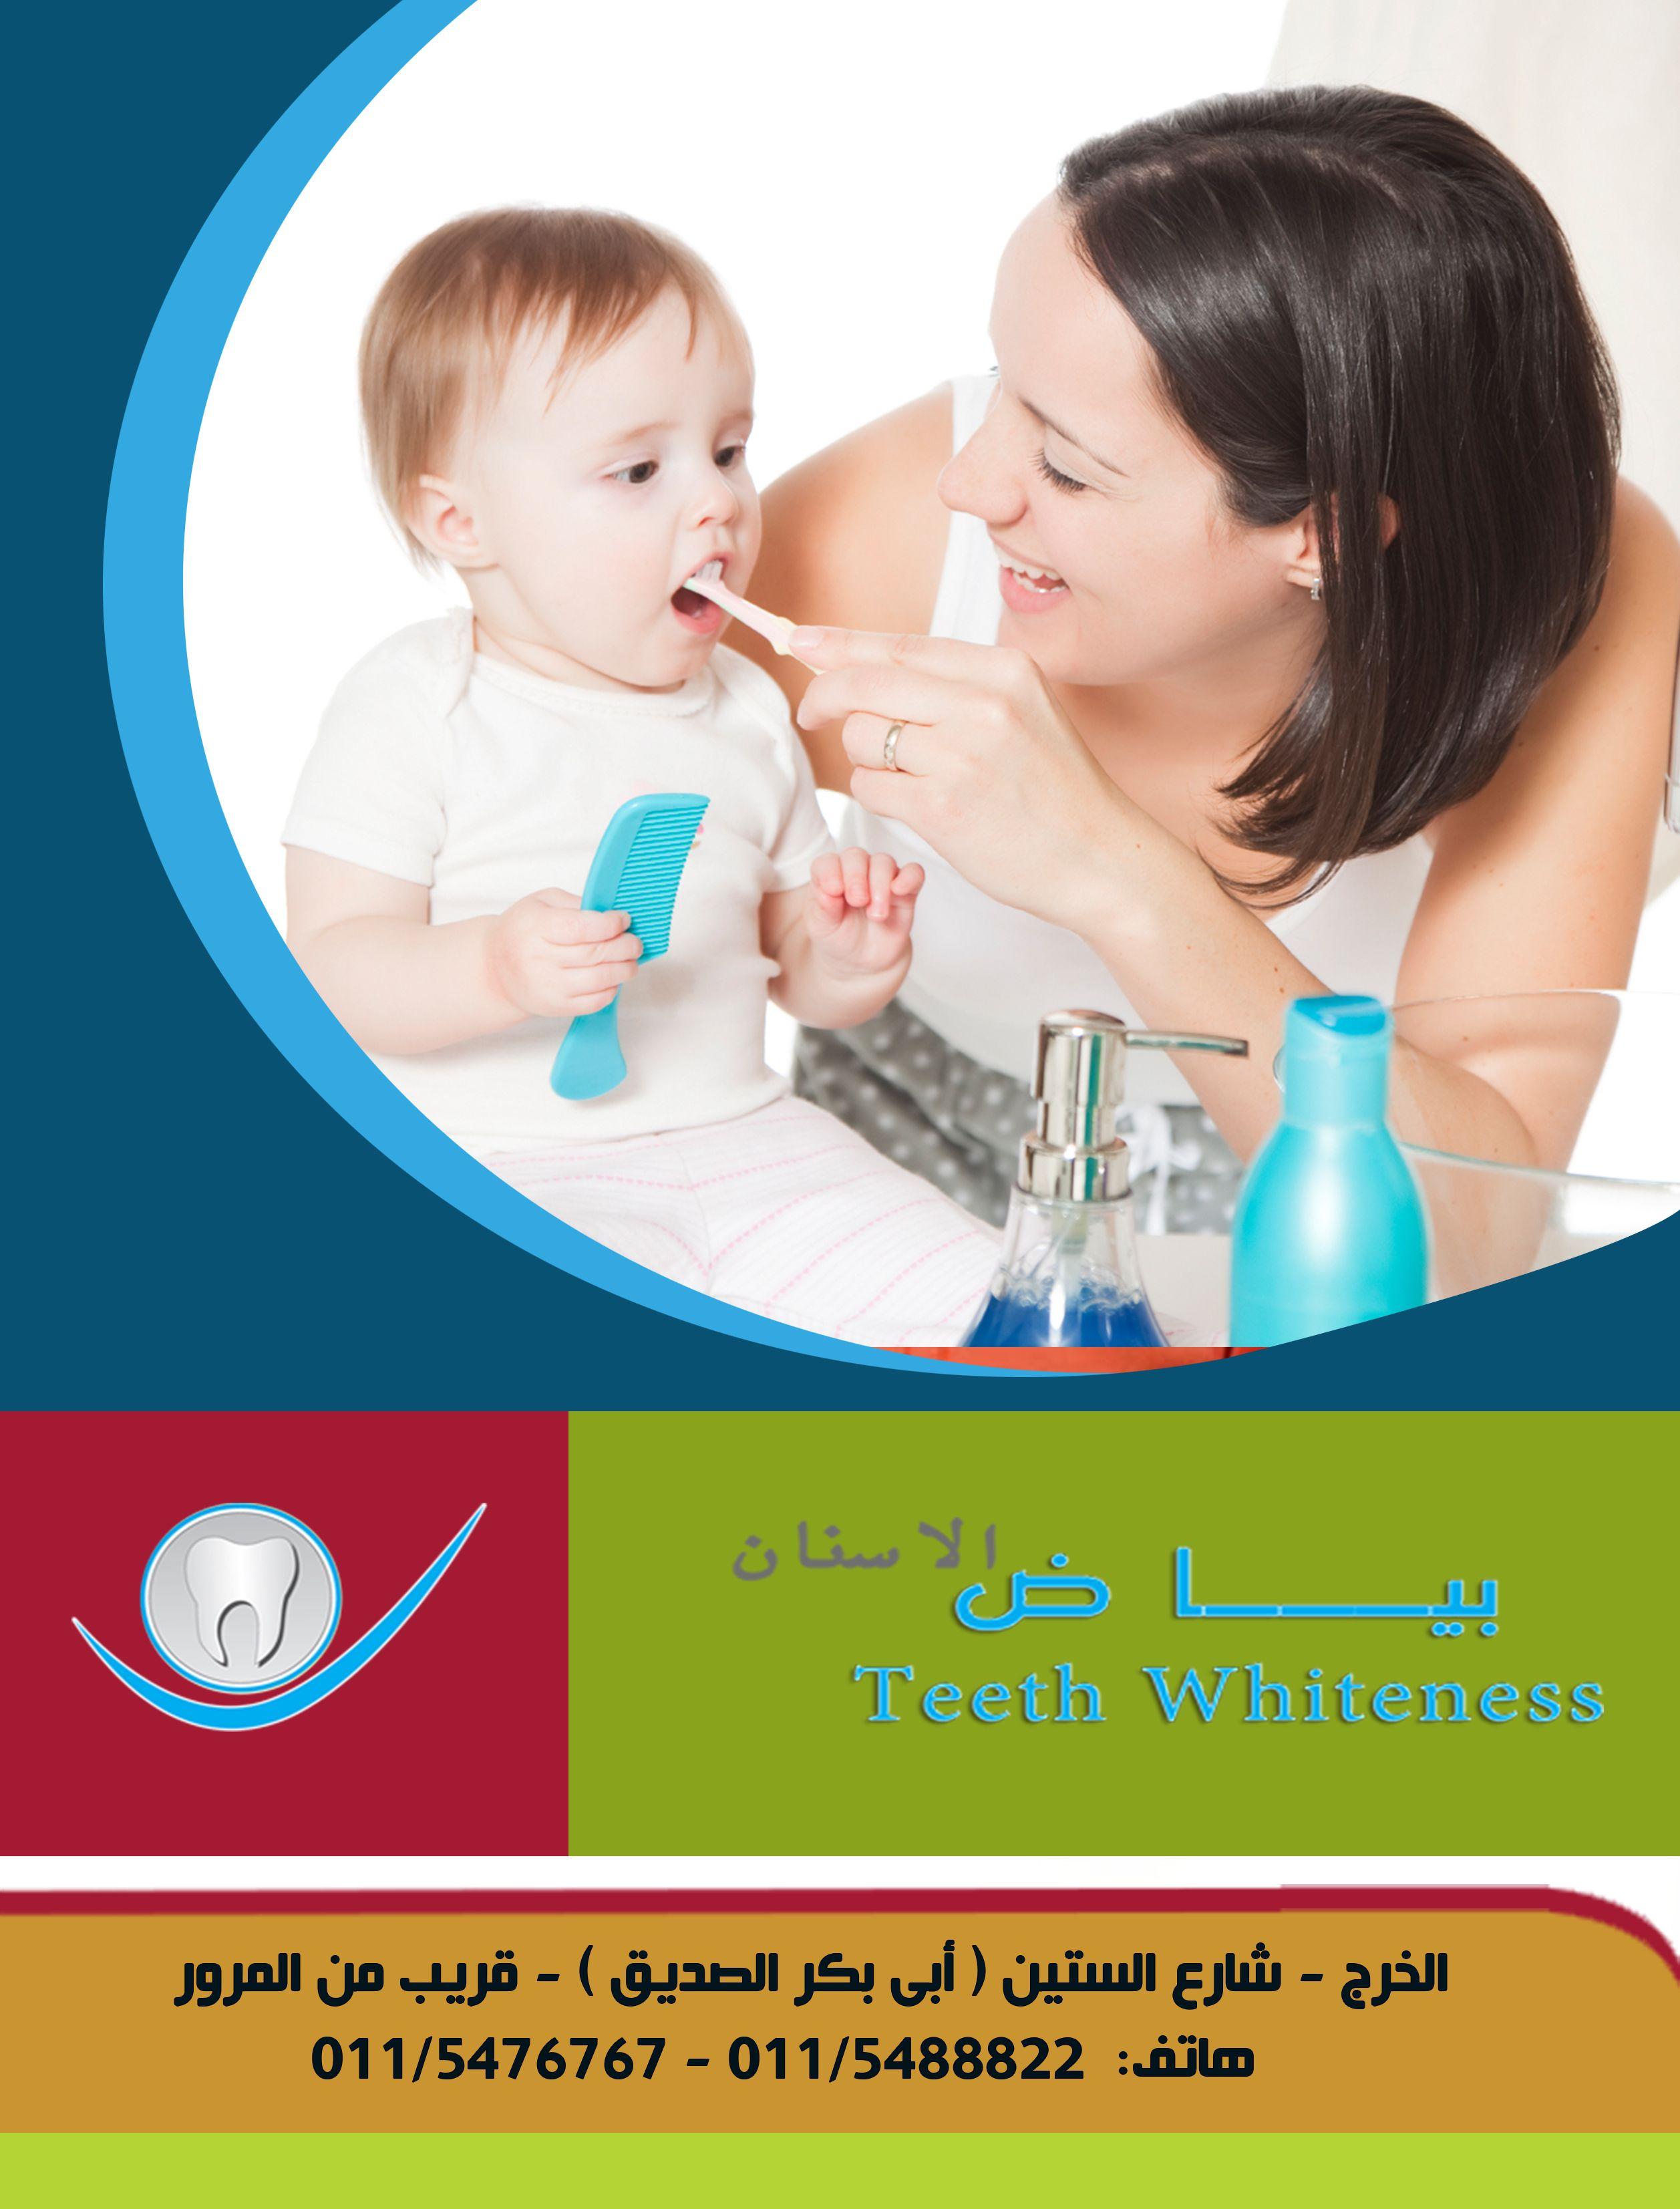 التسنين سن تبرز ولثة تؤلم تظهر السن الأولى للطفل عادة في أي وقت من عامه الأول كما أن بعض الأطفال يولدون ولديهم بعض الأسنان الظاهرة إلا أنه في أغلب Teeth